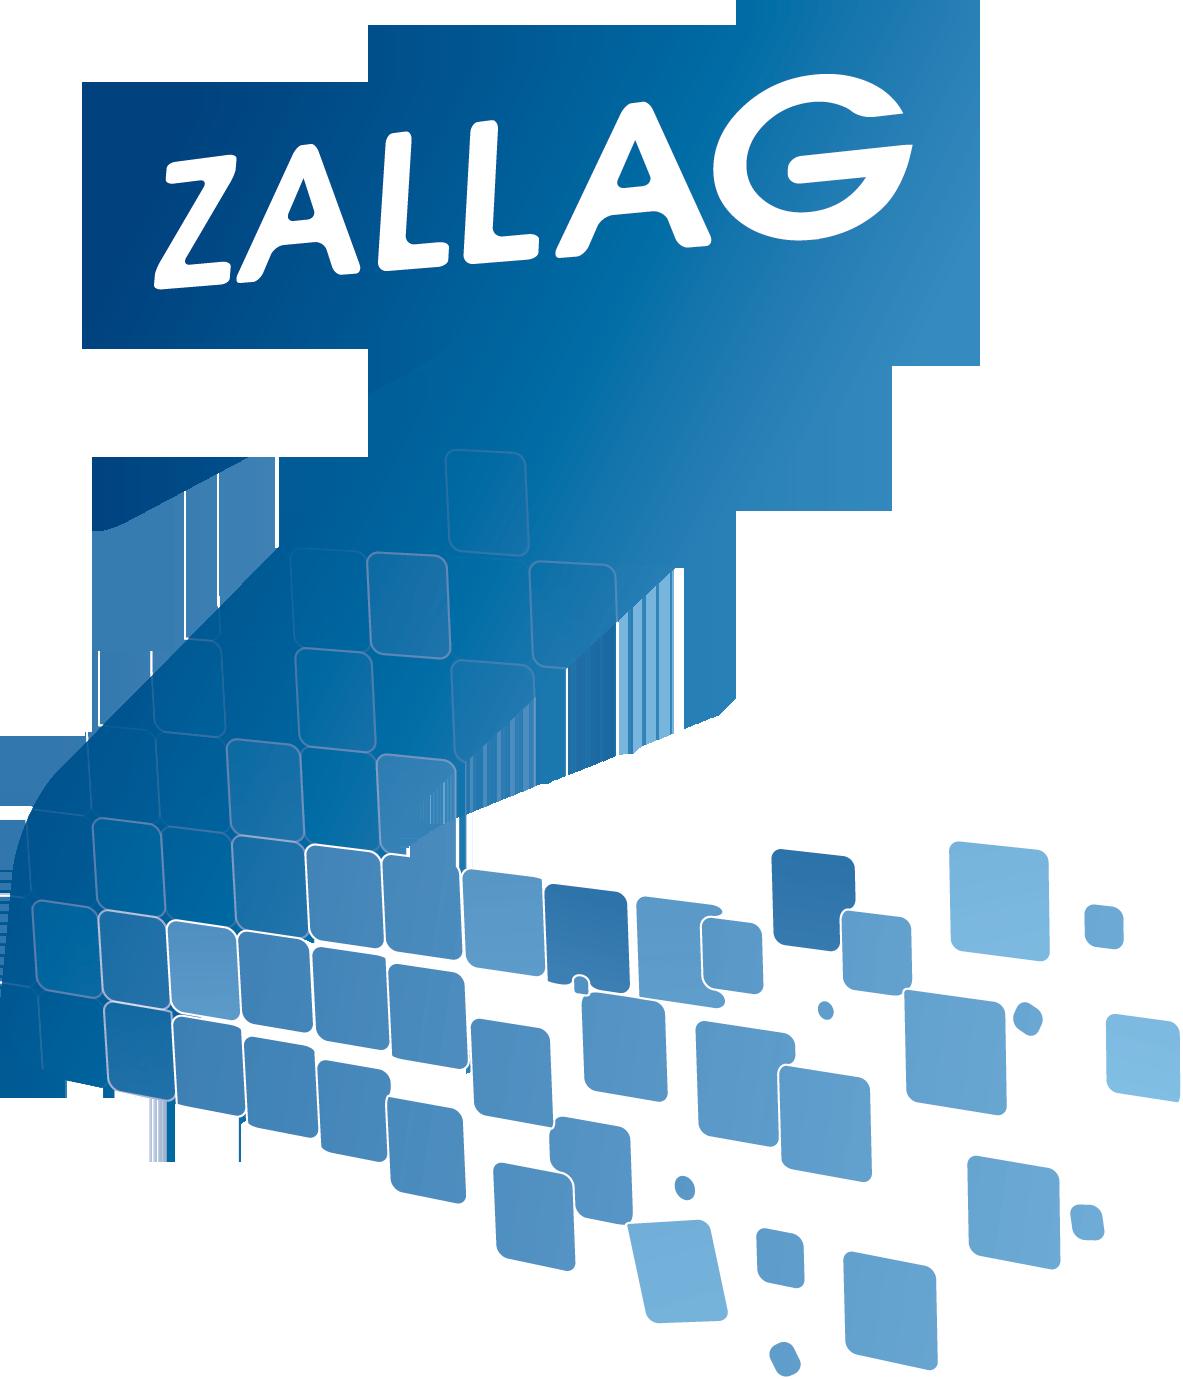 Zallag logo